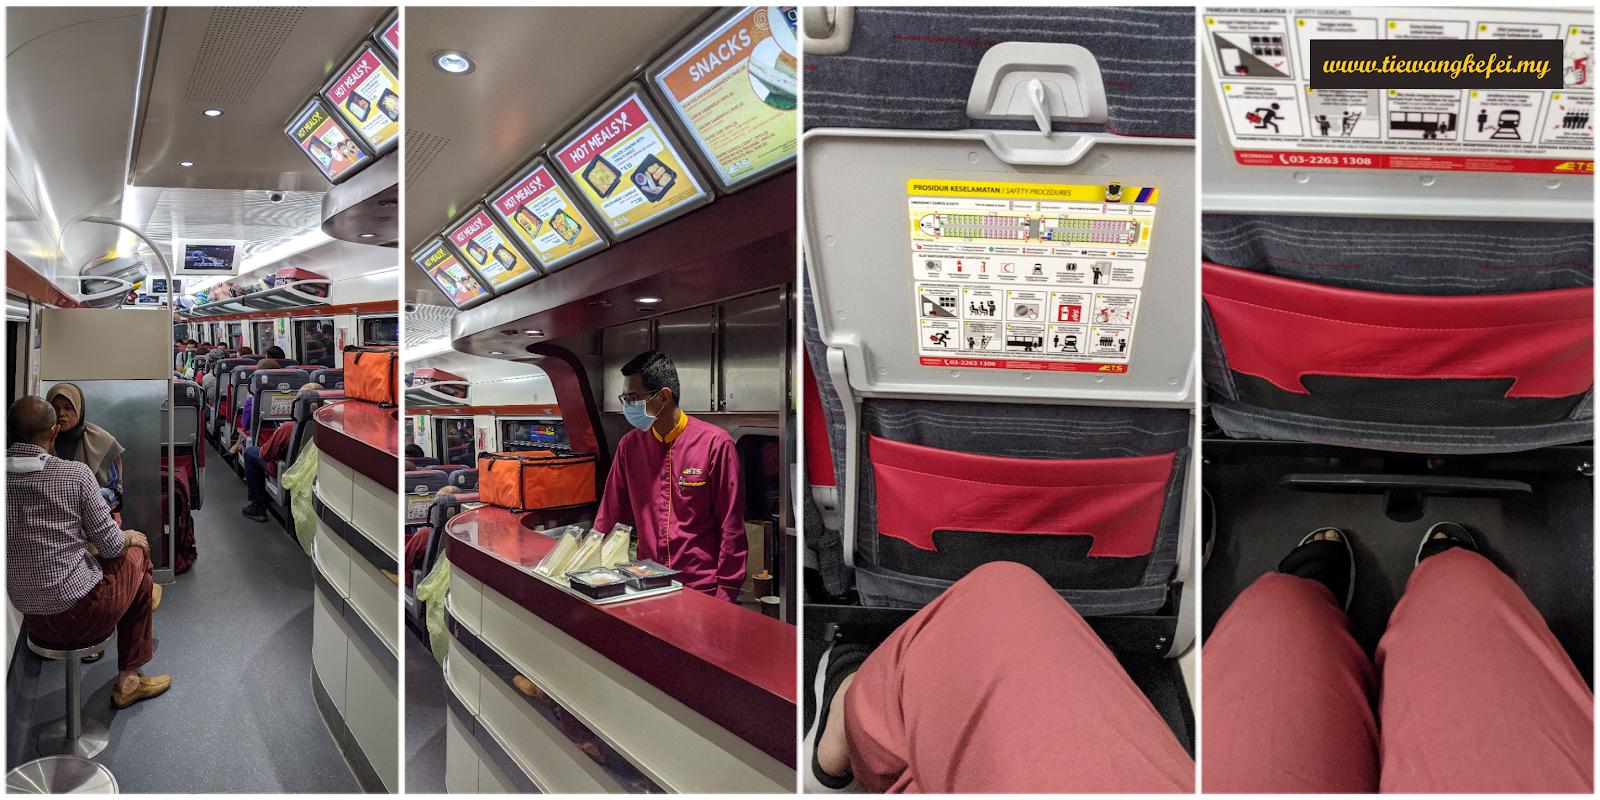 ETS双轨火车KTM, KL Sentral to Bukit Mertajam